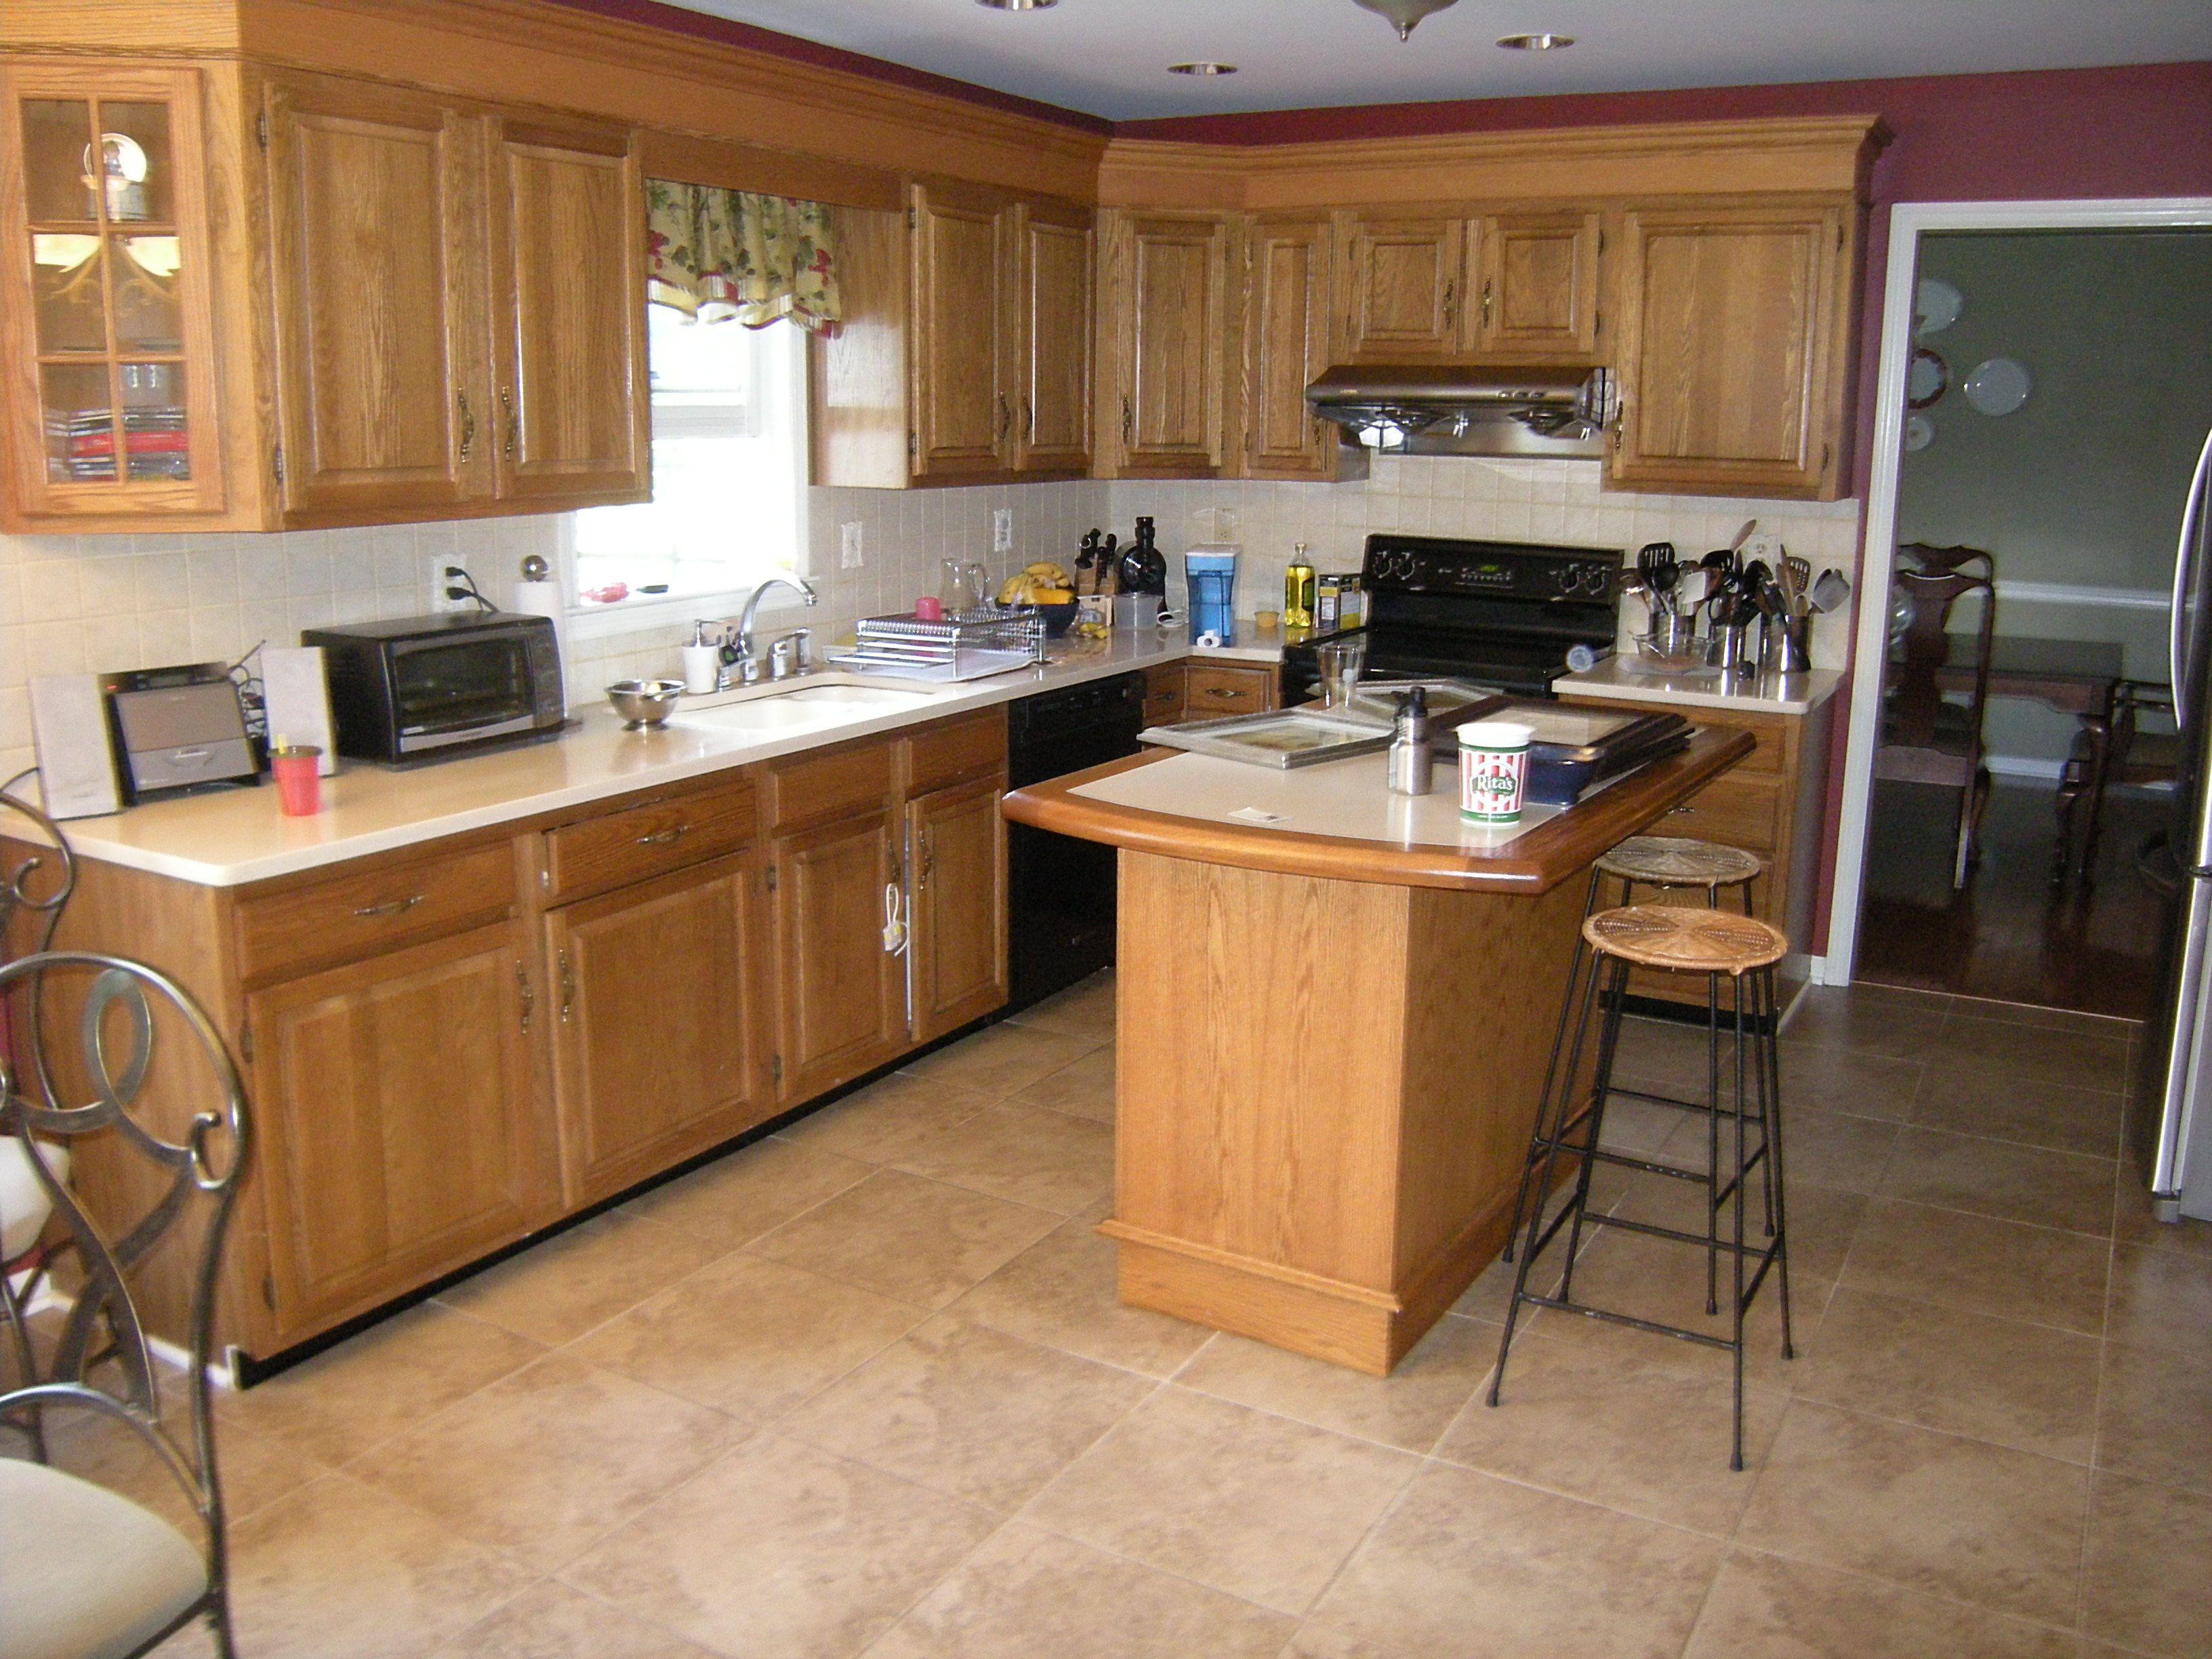 Kitchen Transformation Before